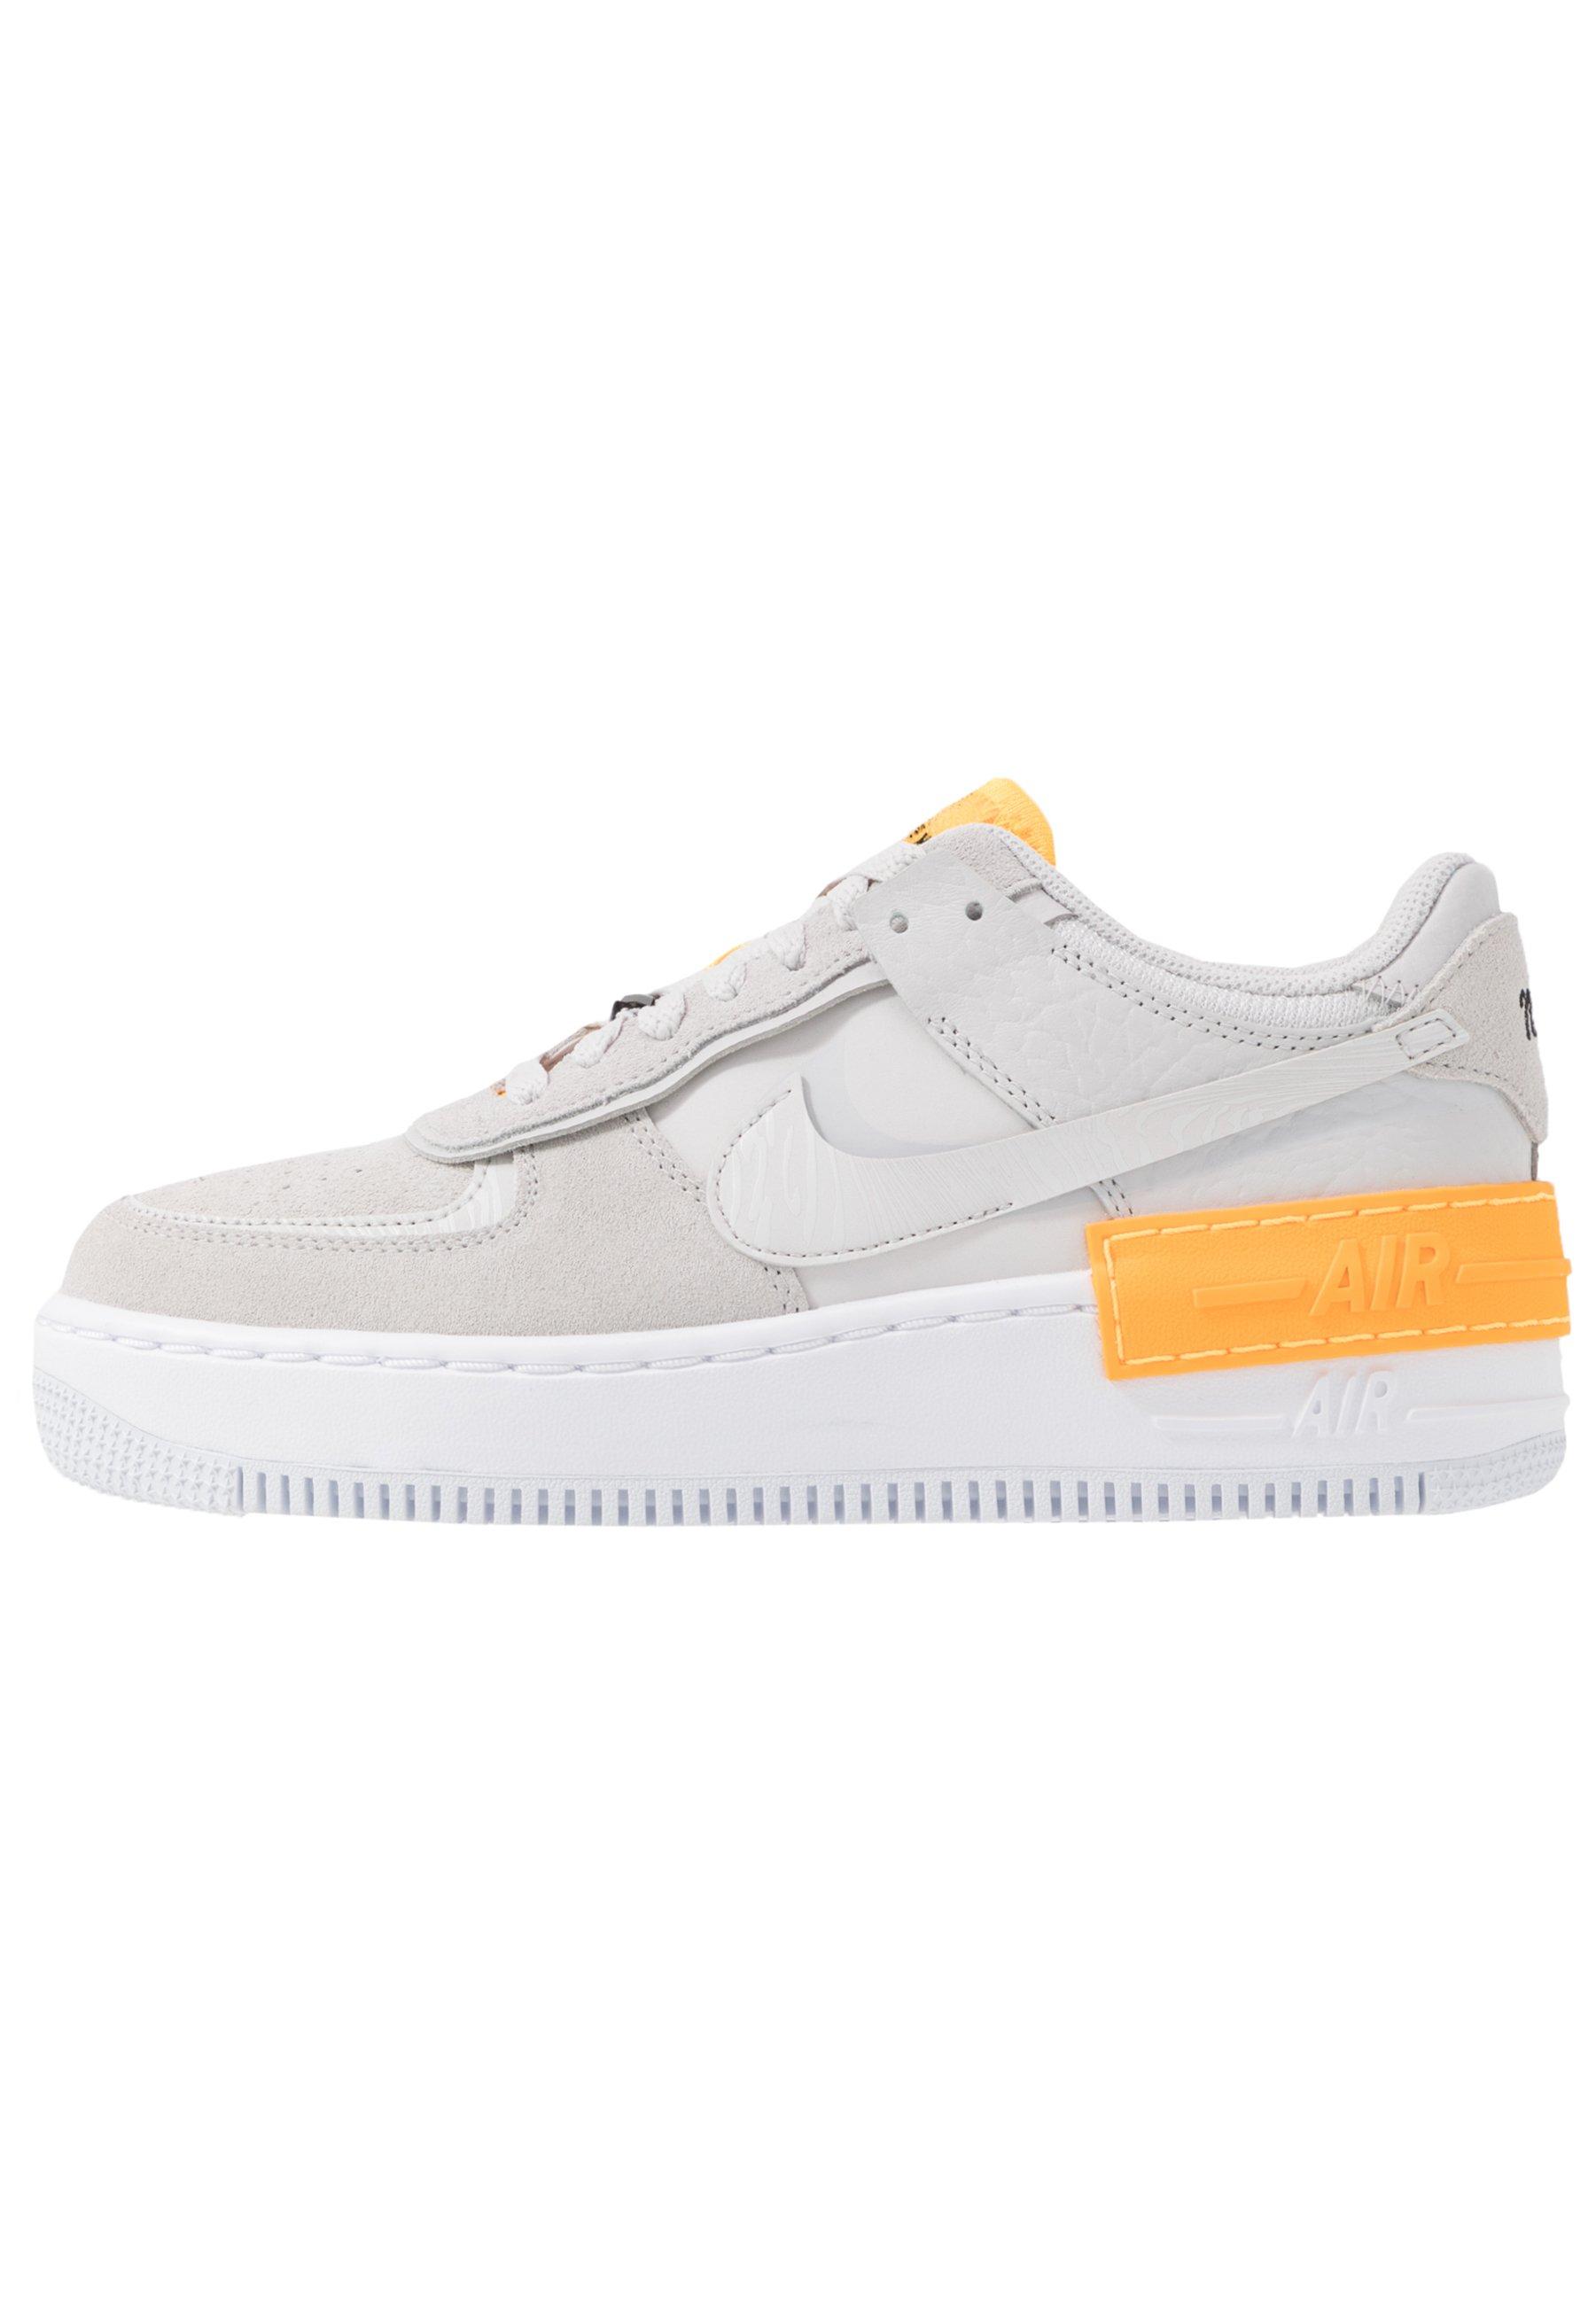 Sneakers Nike Air Force 1 Shadow Vast GreyLaser Orange